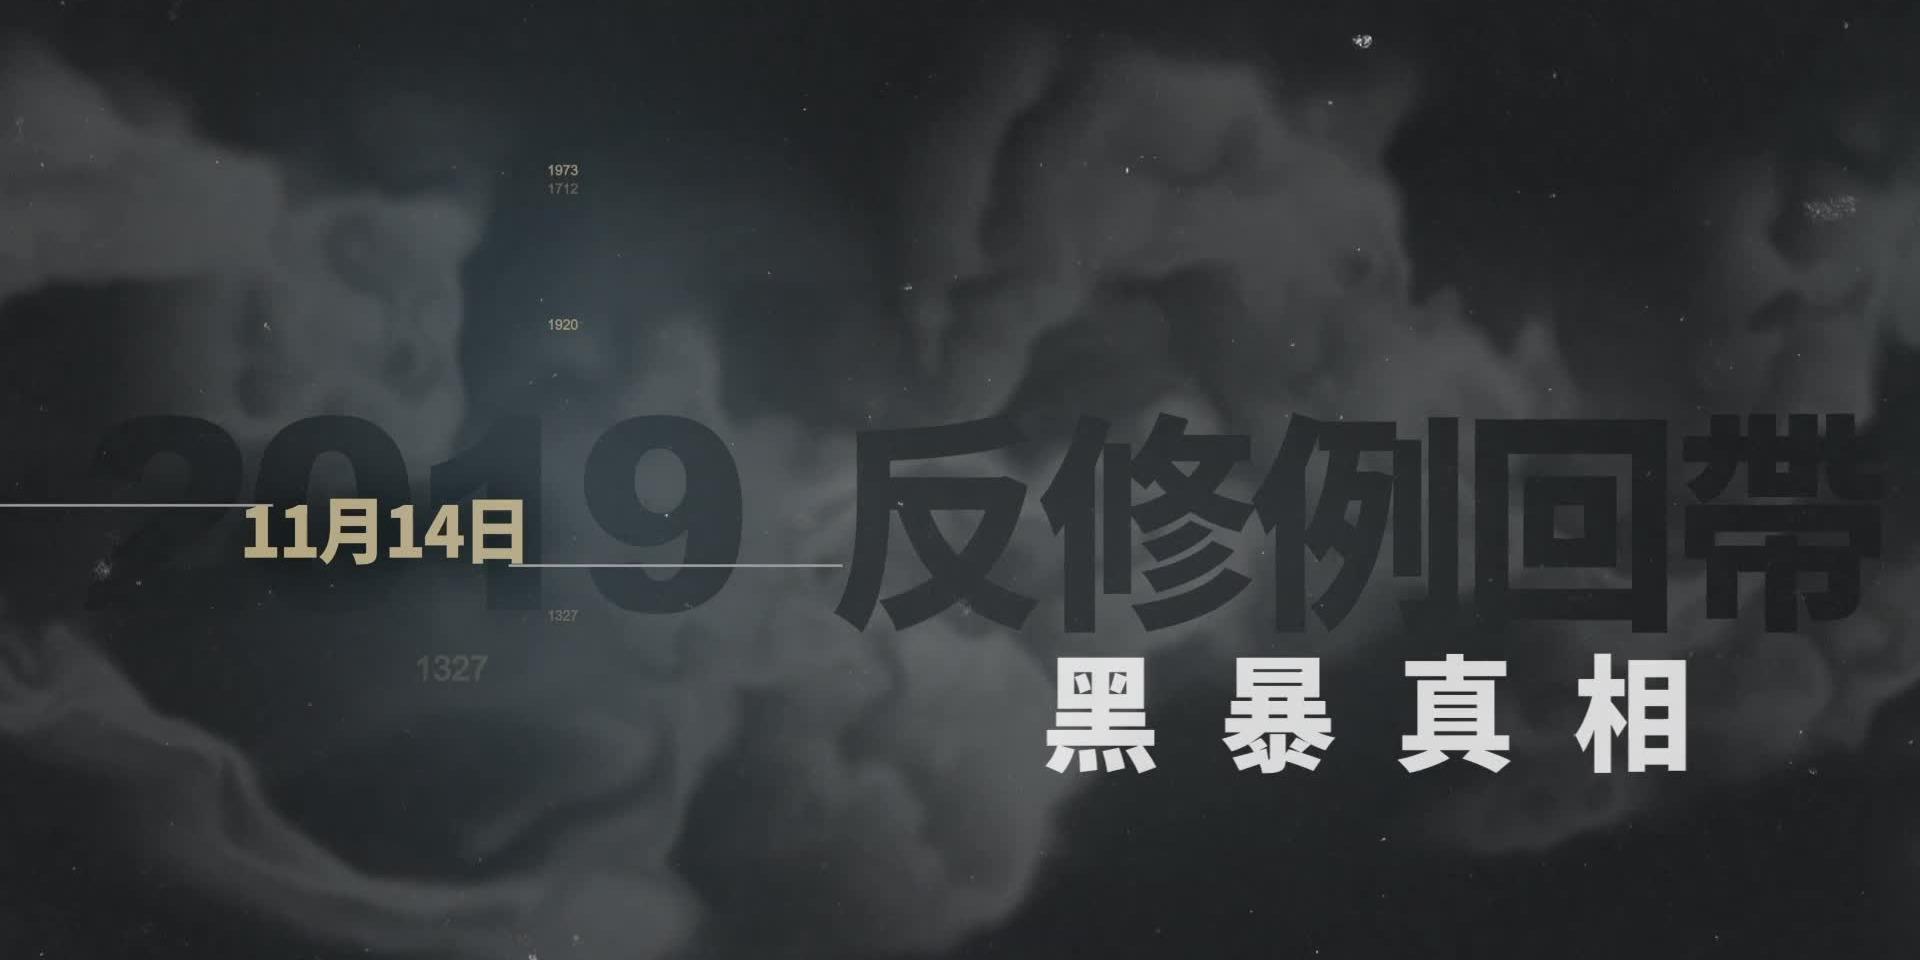 【反修例黑暴真相】EP43 黑衣人佔據13日  理大變武器庫